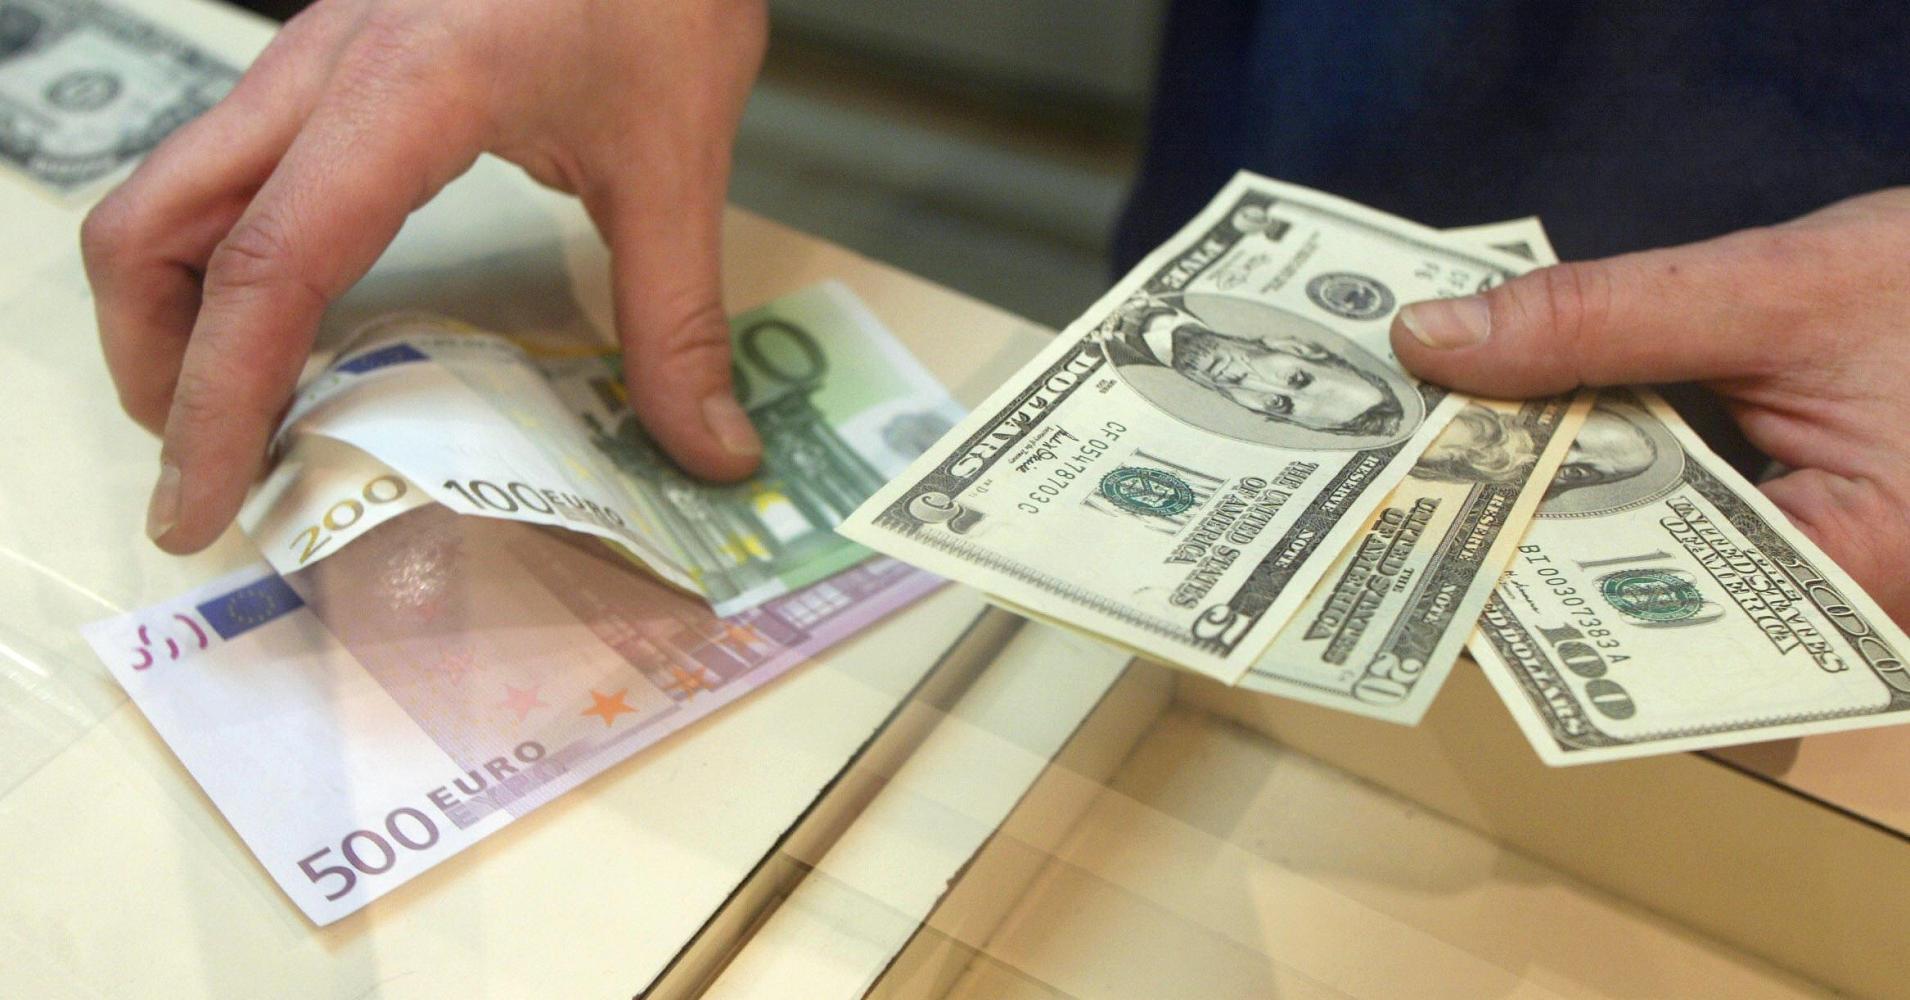 قیمت دلار و یورو در بازار امروز شنبه ۲۲ شهریور ۹۹/ افزایش نرخ دلار در صرافیهای مجاز